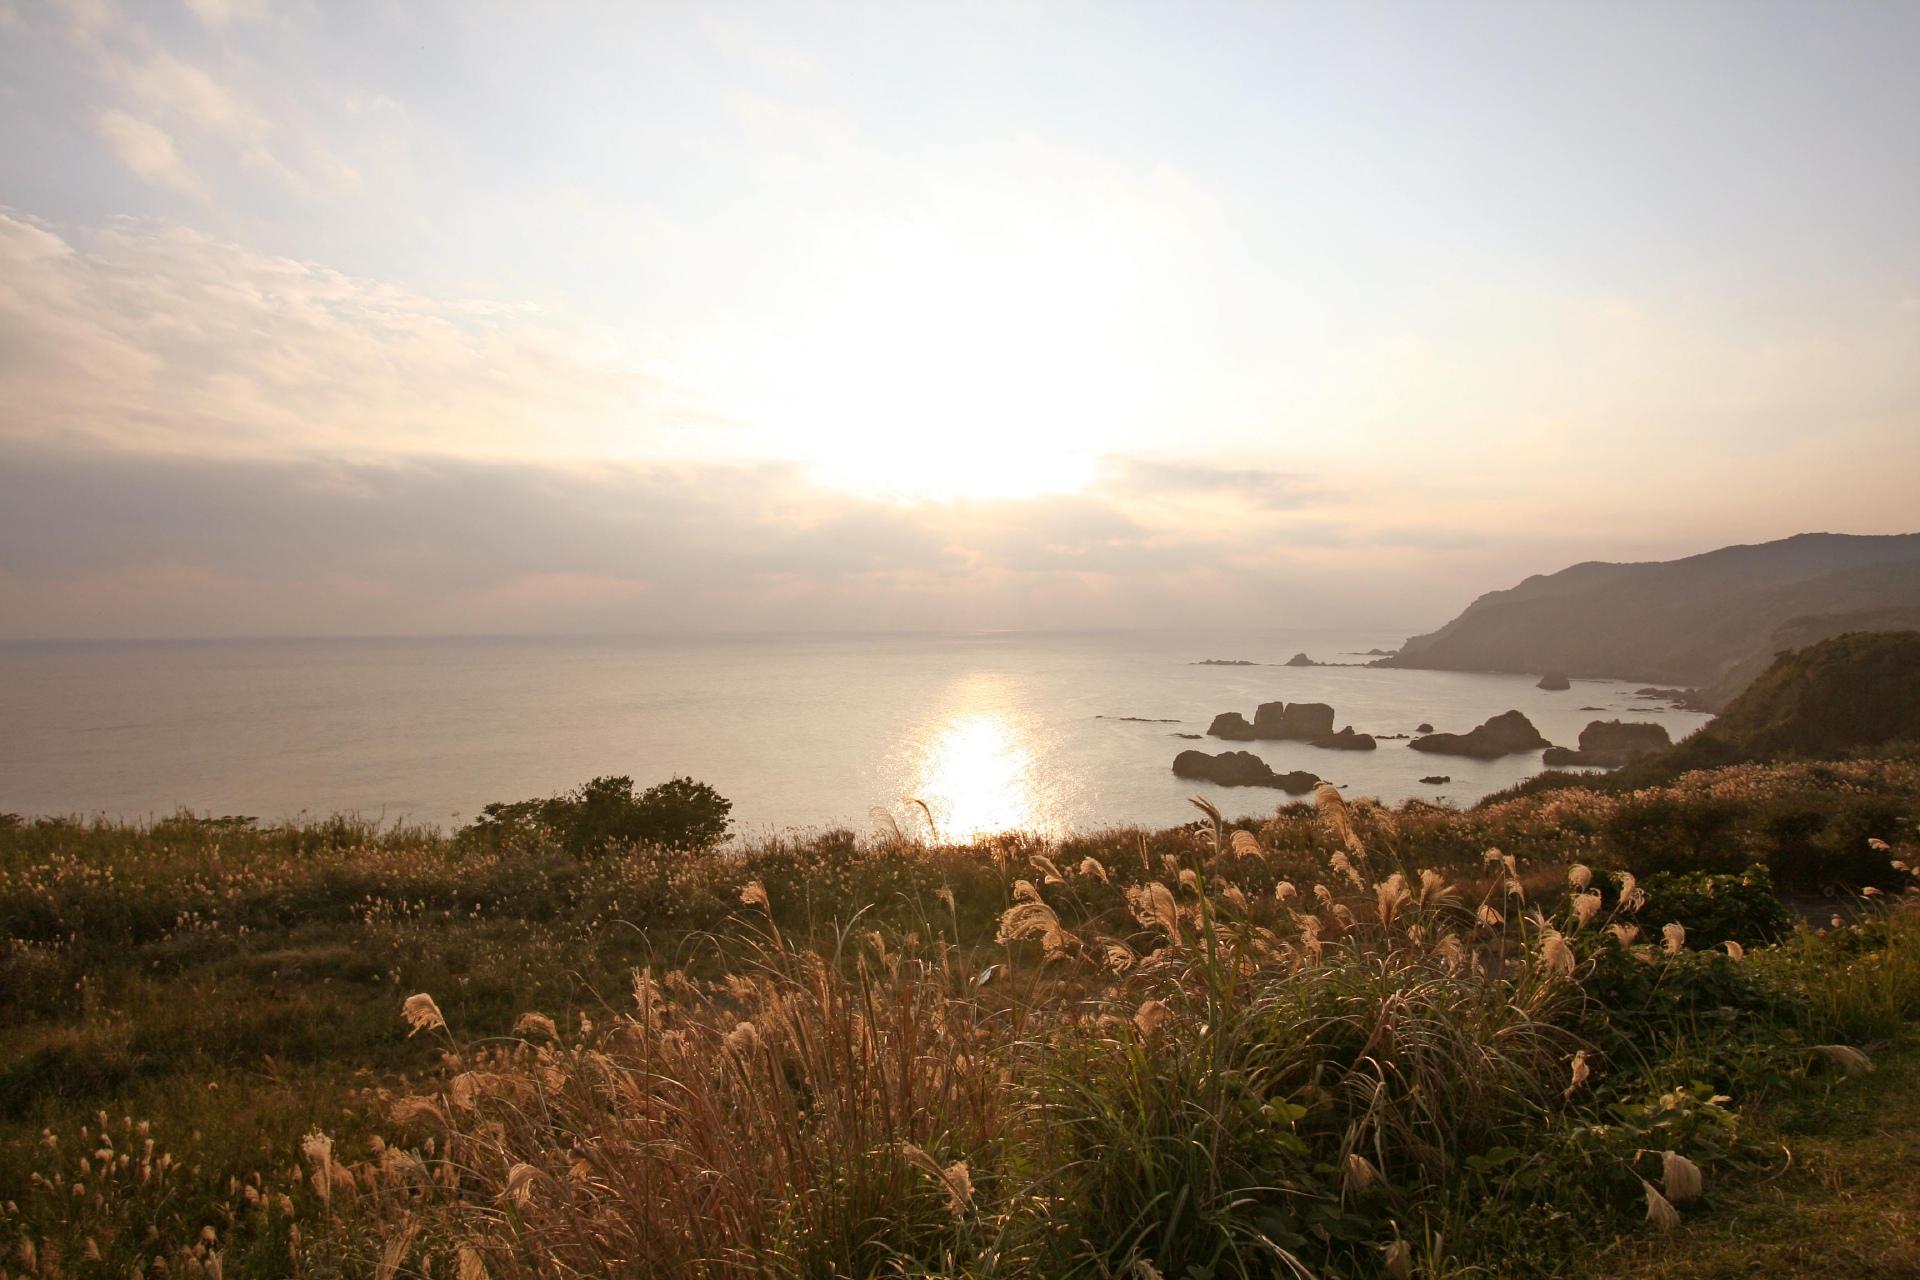 枕崎の夕暮れ 鹿児島の風景